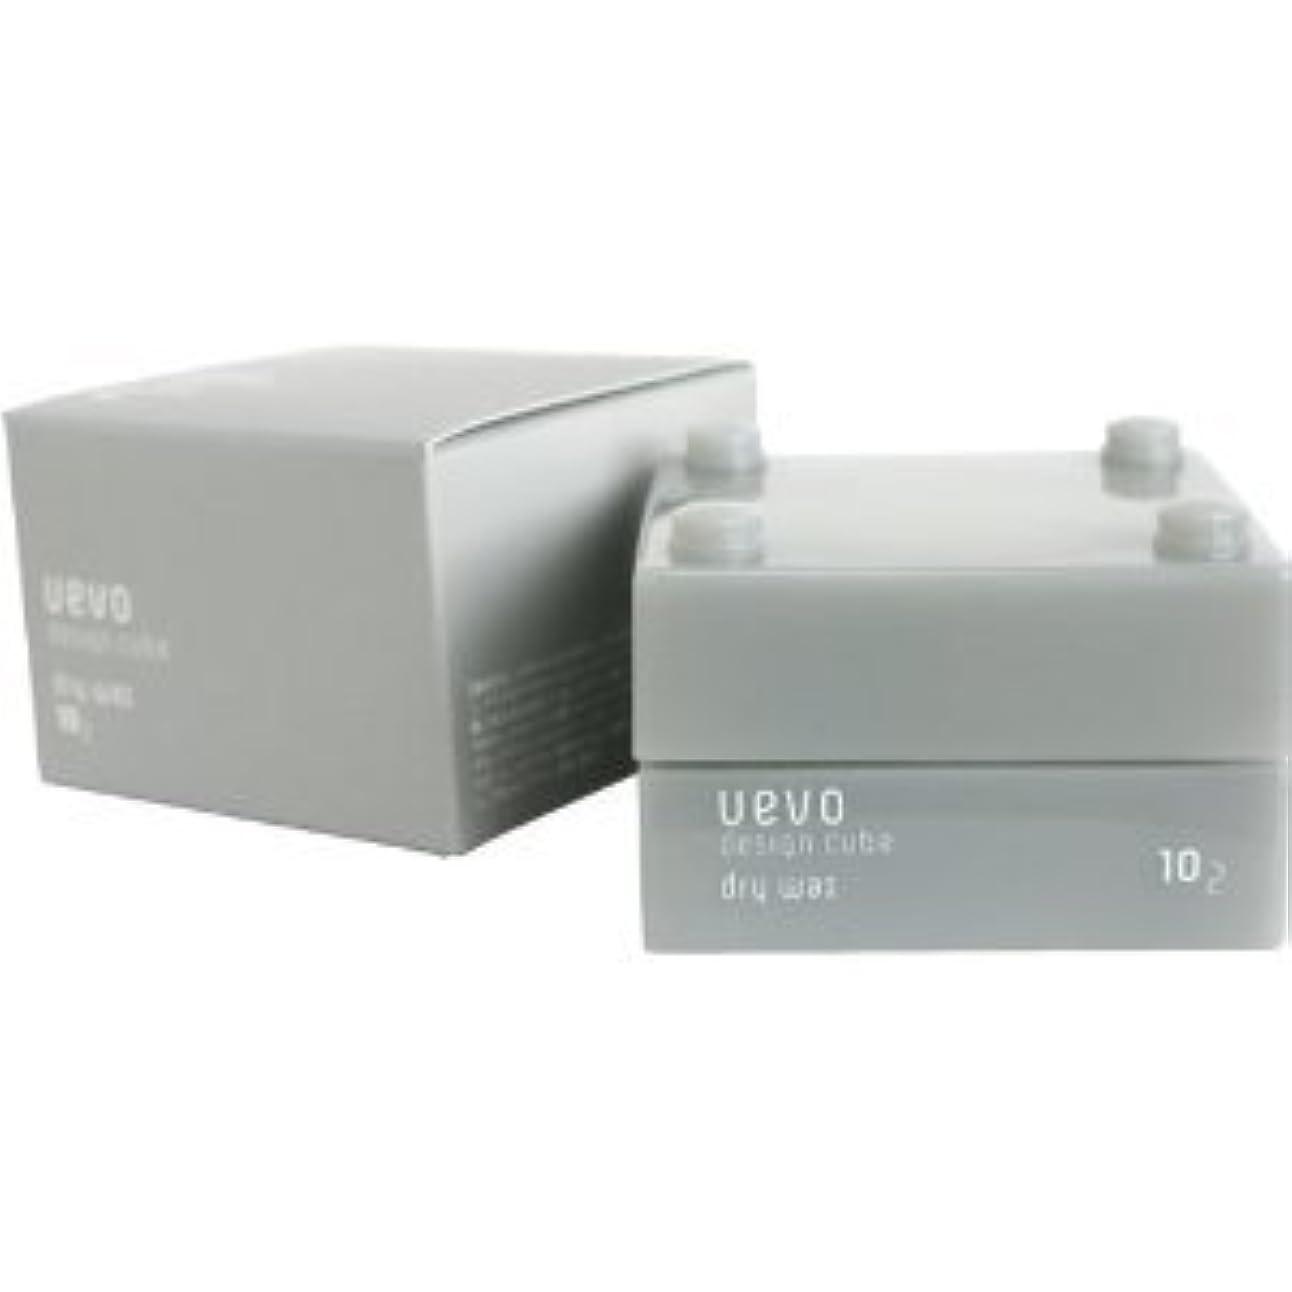 占める喉頭インディカ【X2個セット】 デミ ウェーボ デザインキューブ ドライワックス 30g dry wax DEMI uevo design cube